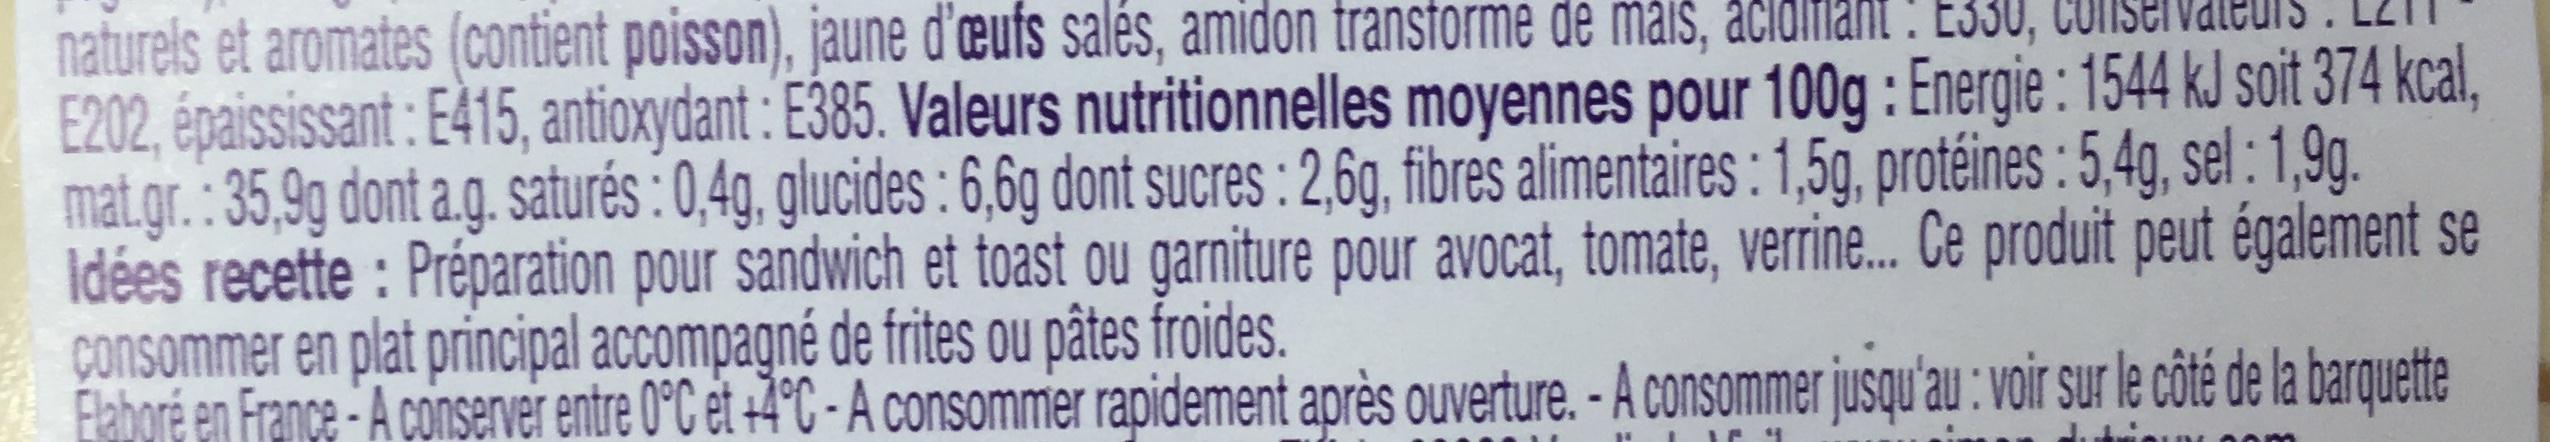 Tartinable de Surimi & crabe tourteau - Informations nutritionnelles